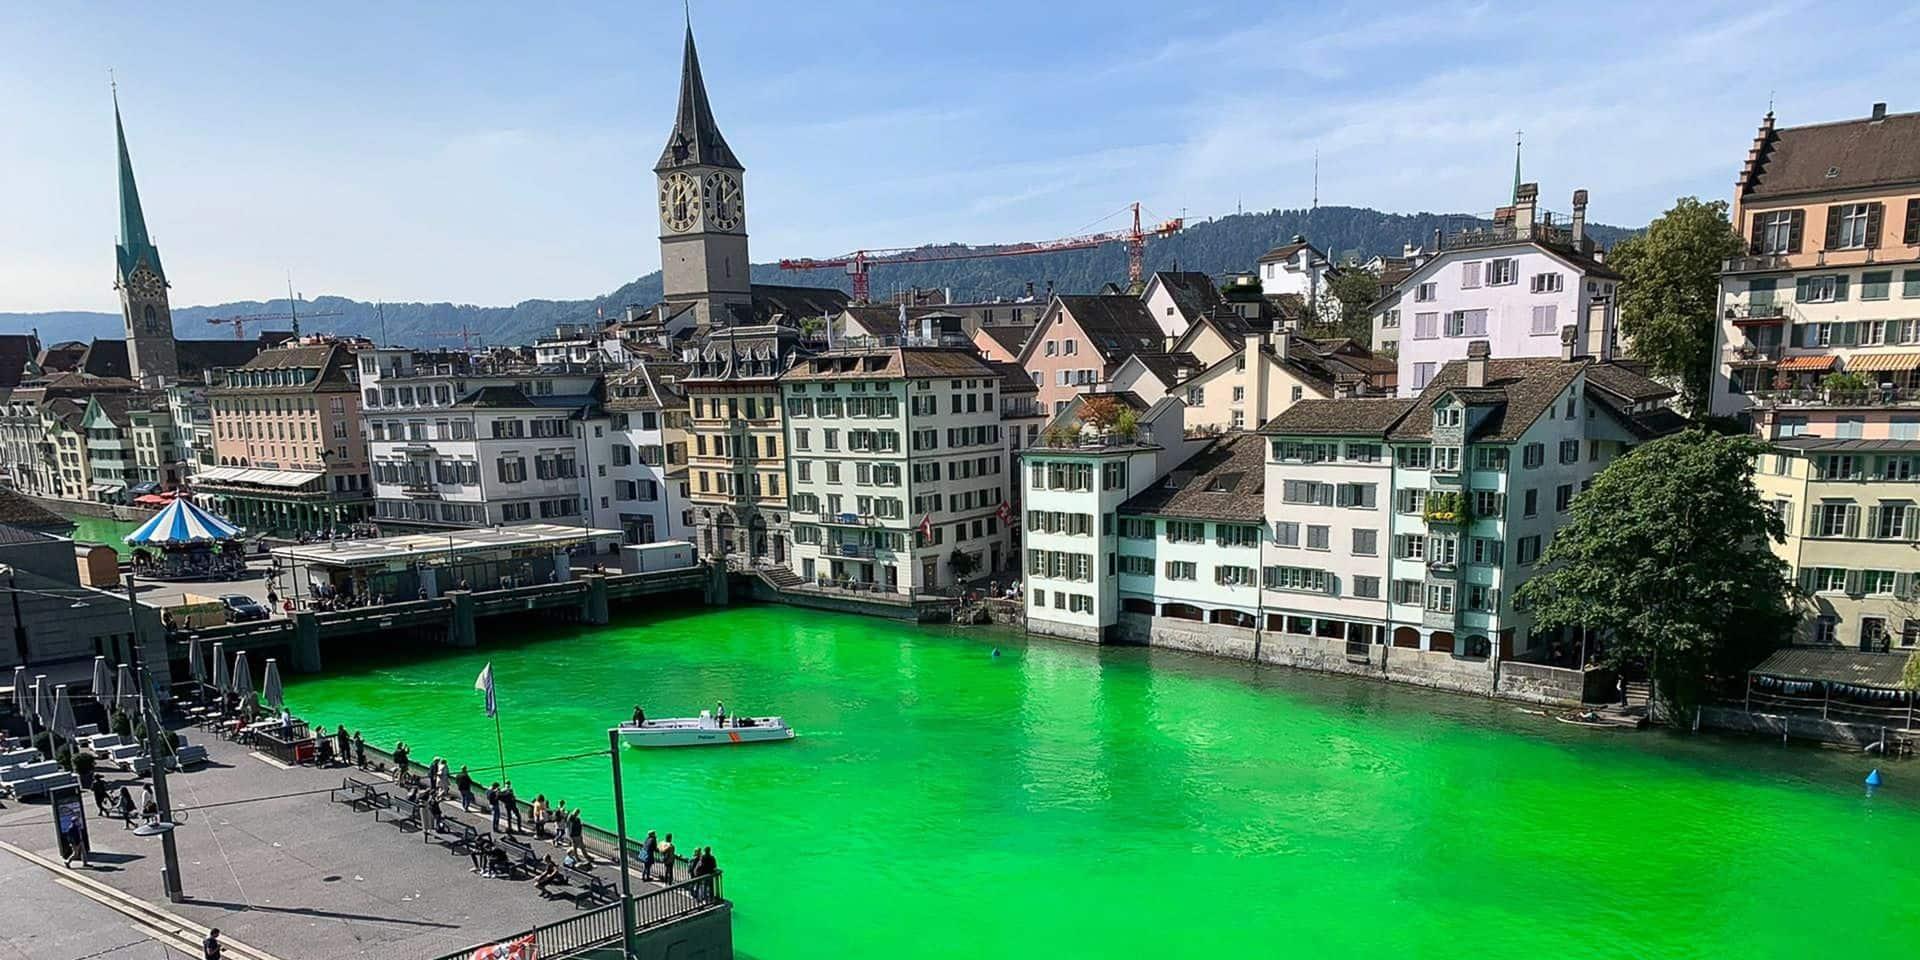 Des militants écologistes suisses teignent en vert fluo une grande rivière